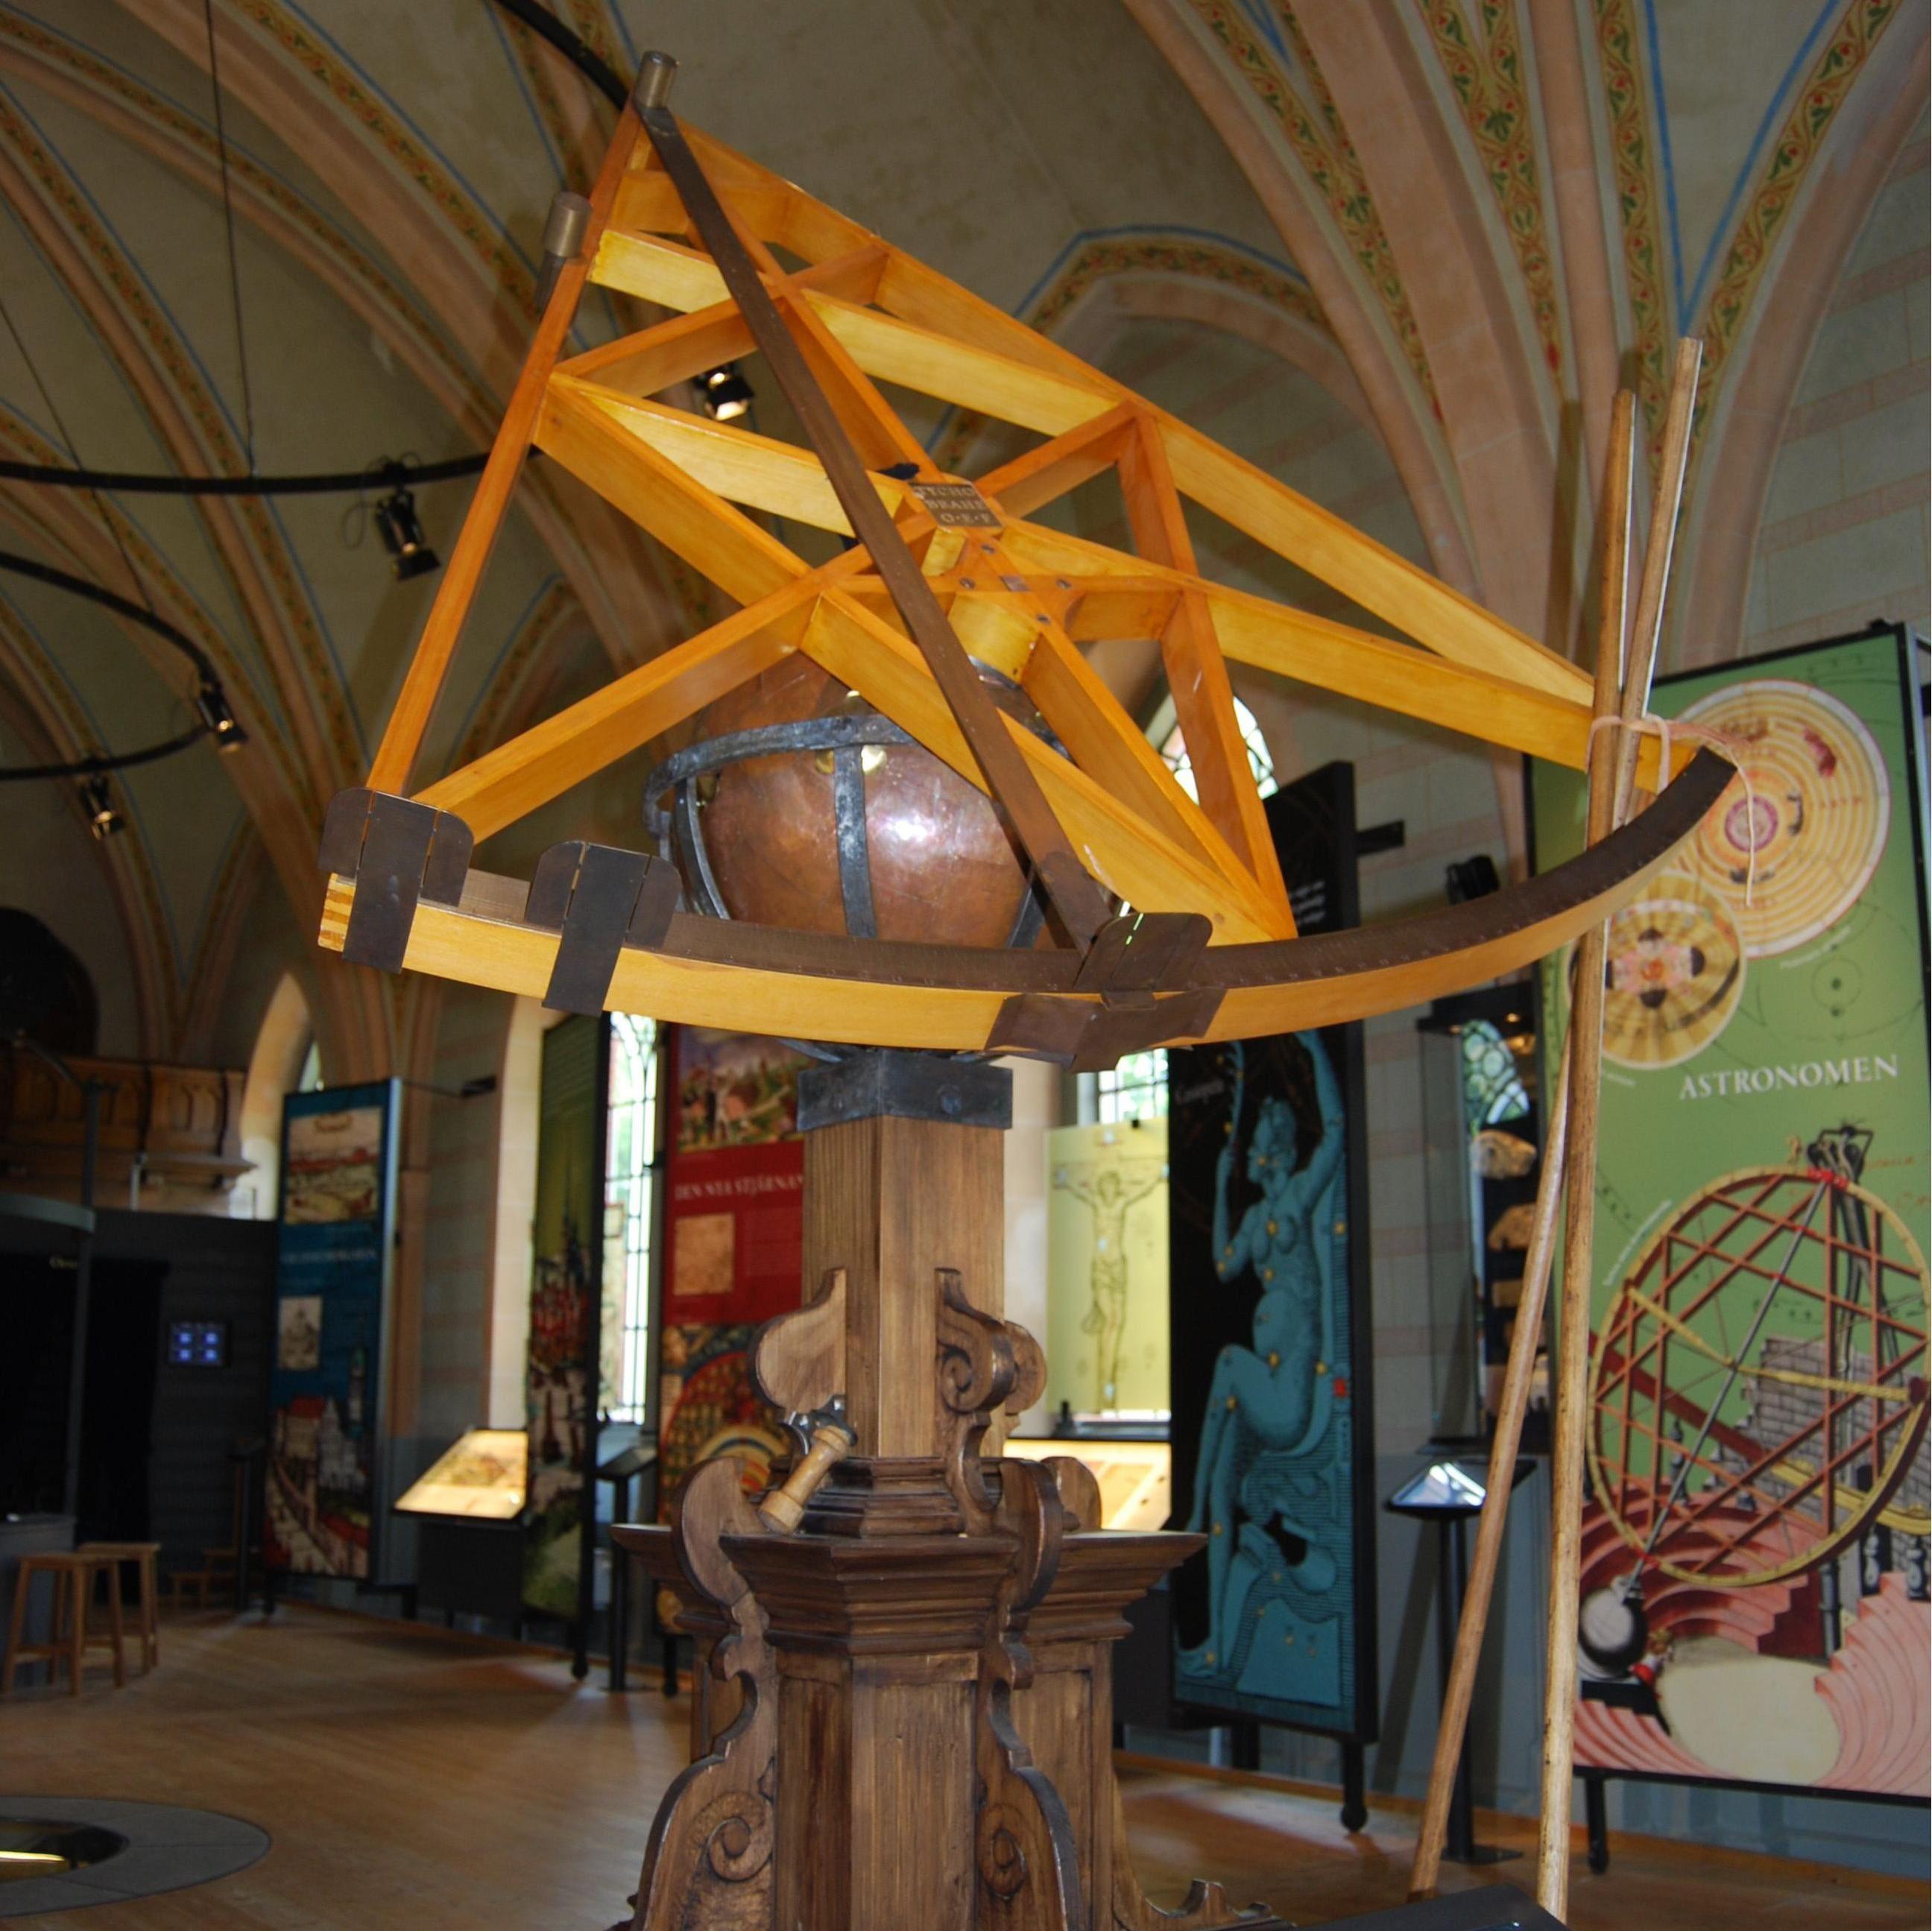 Foto: Turistbyrån Landskrona - Ven, The Tycho Brahe museum